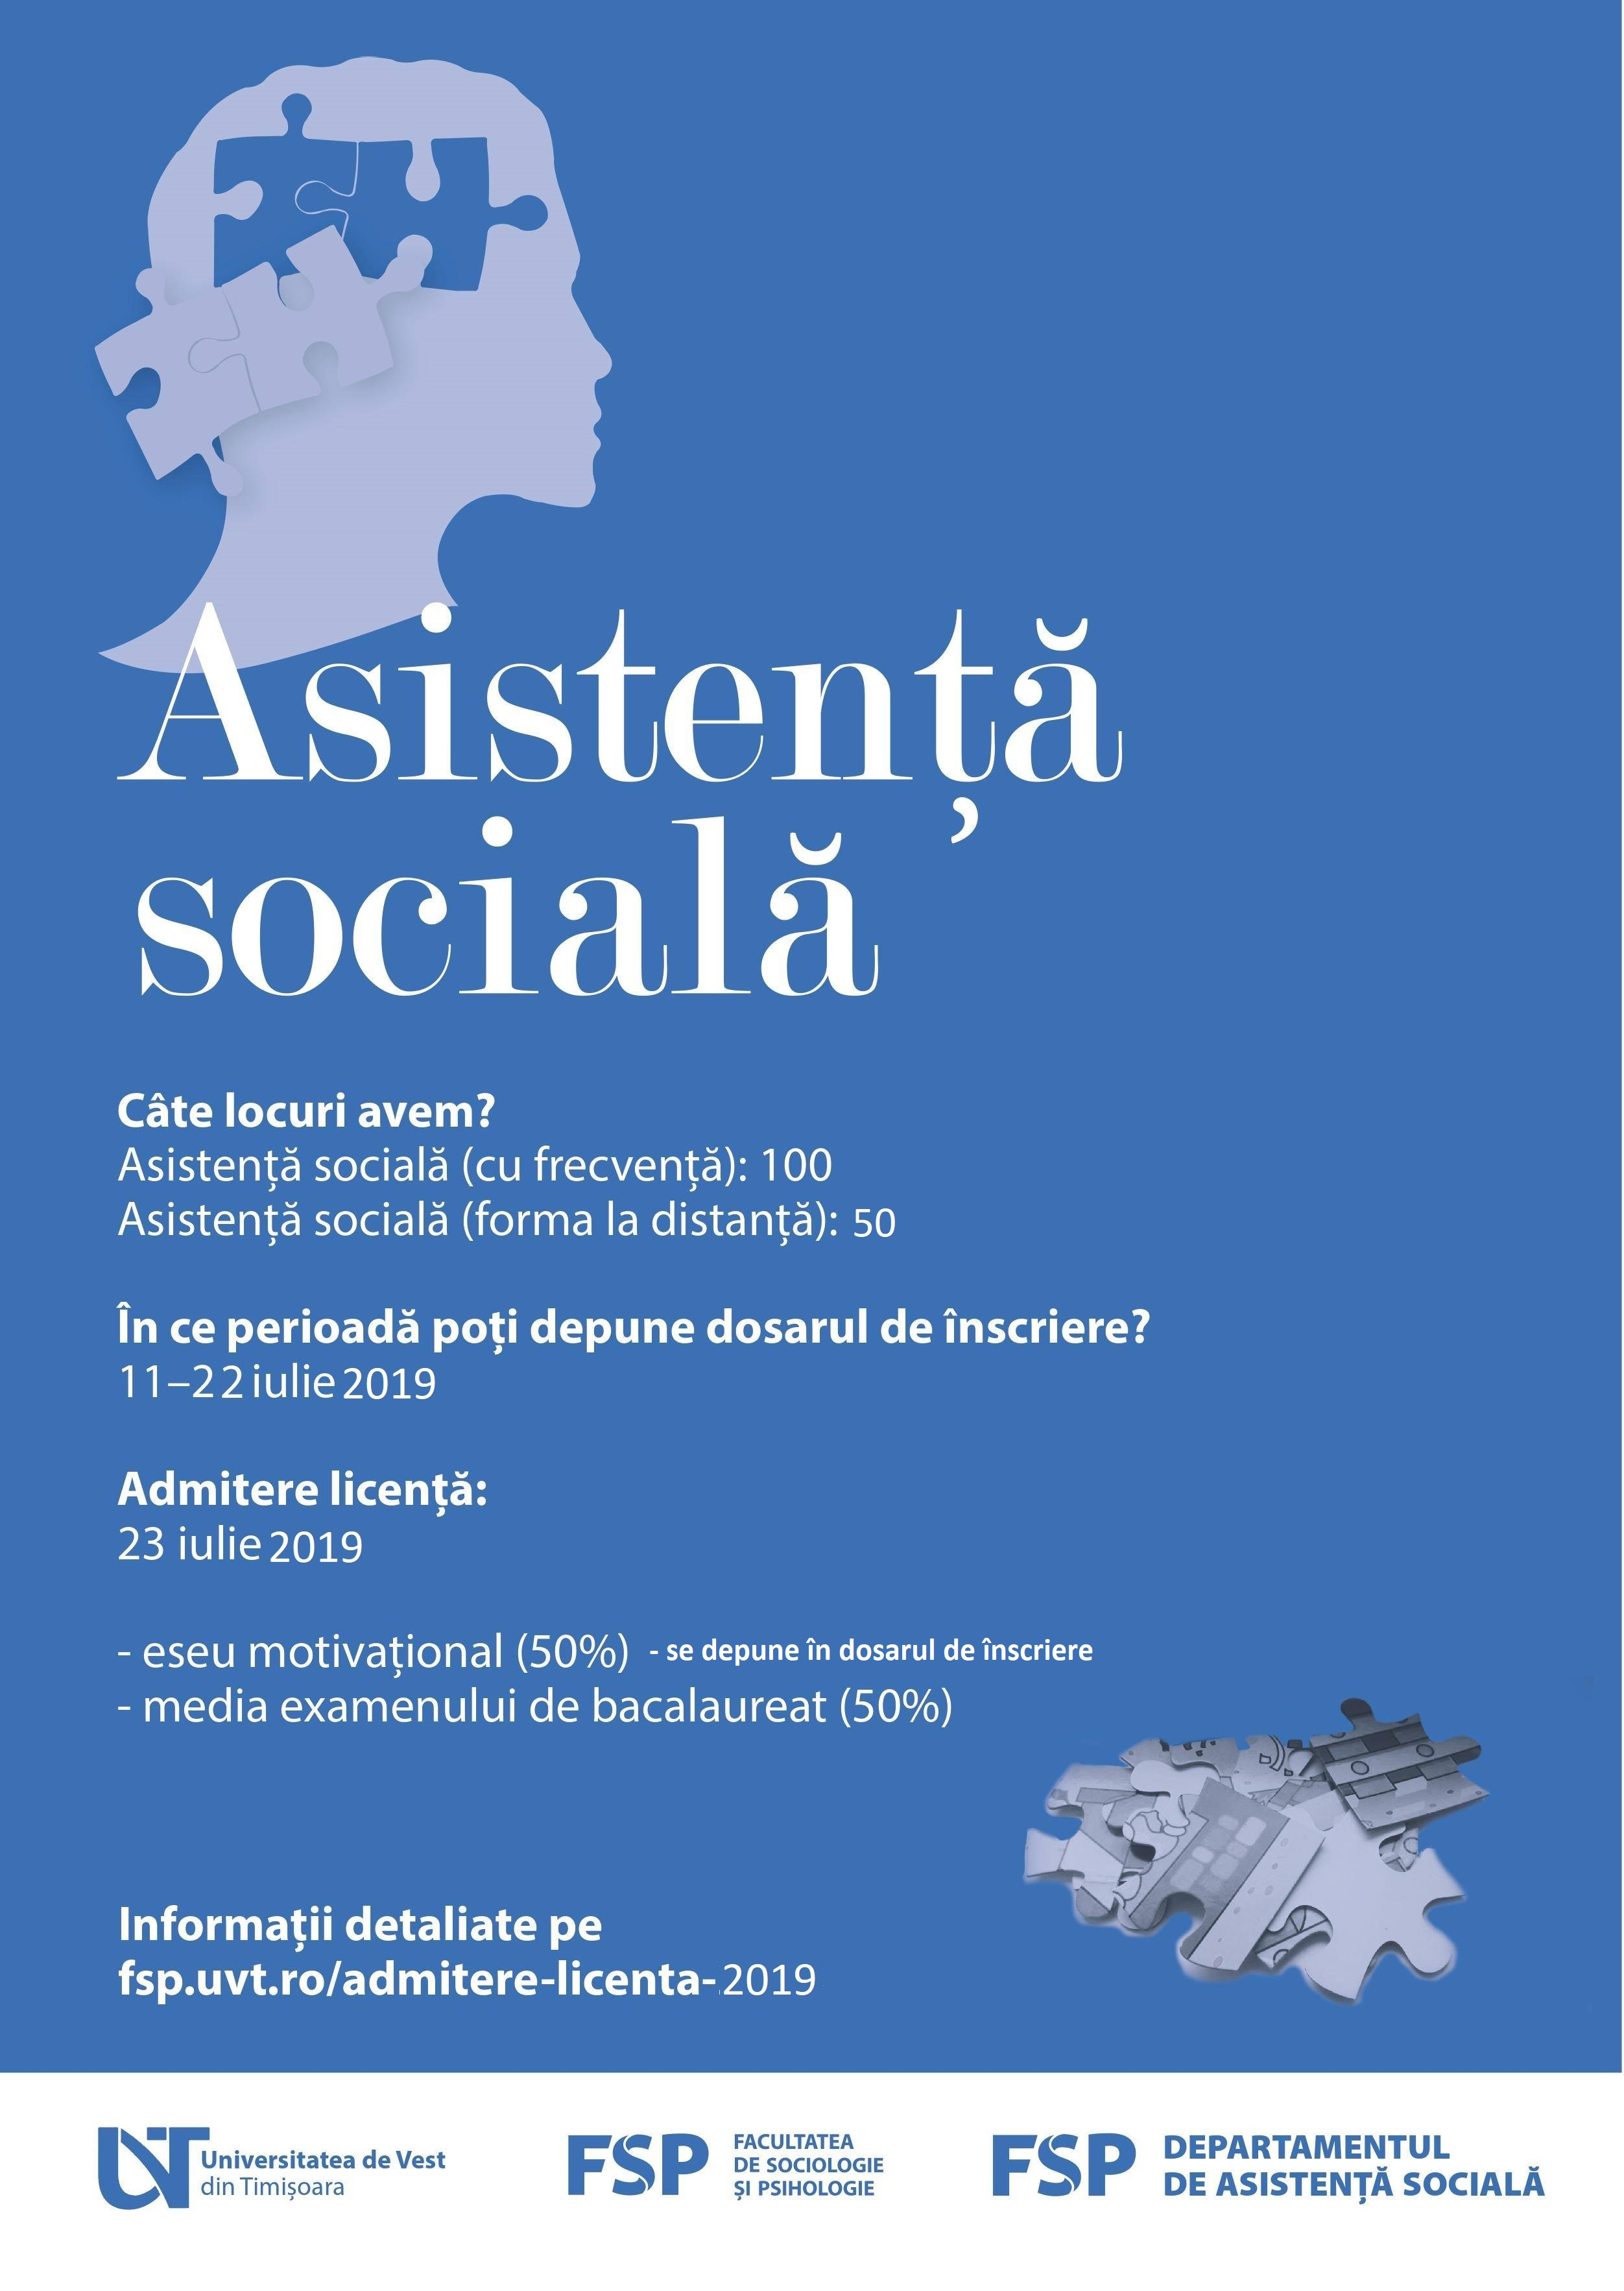 ASISTENTA SOCIALA